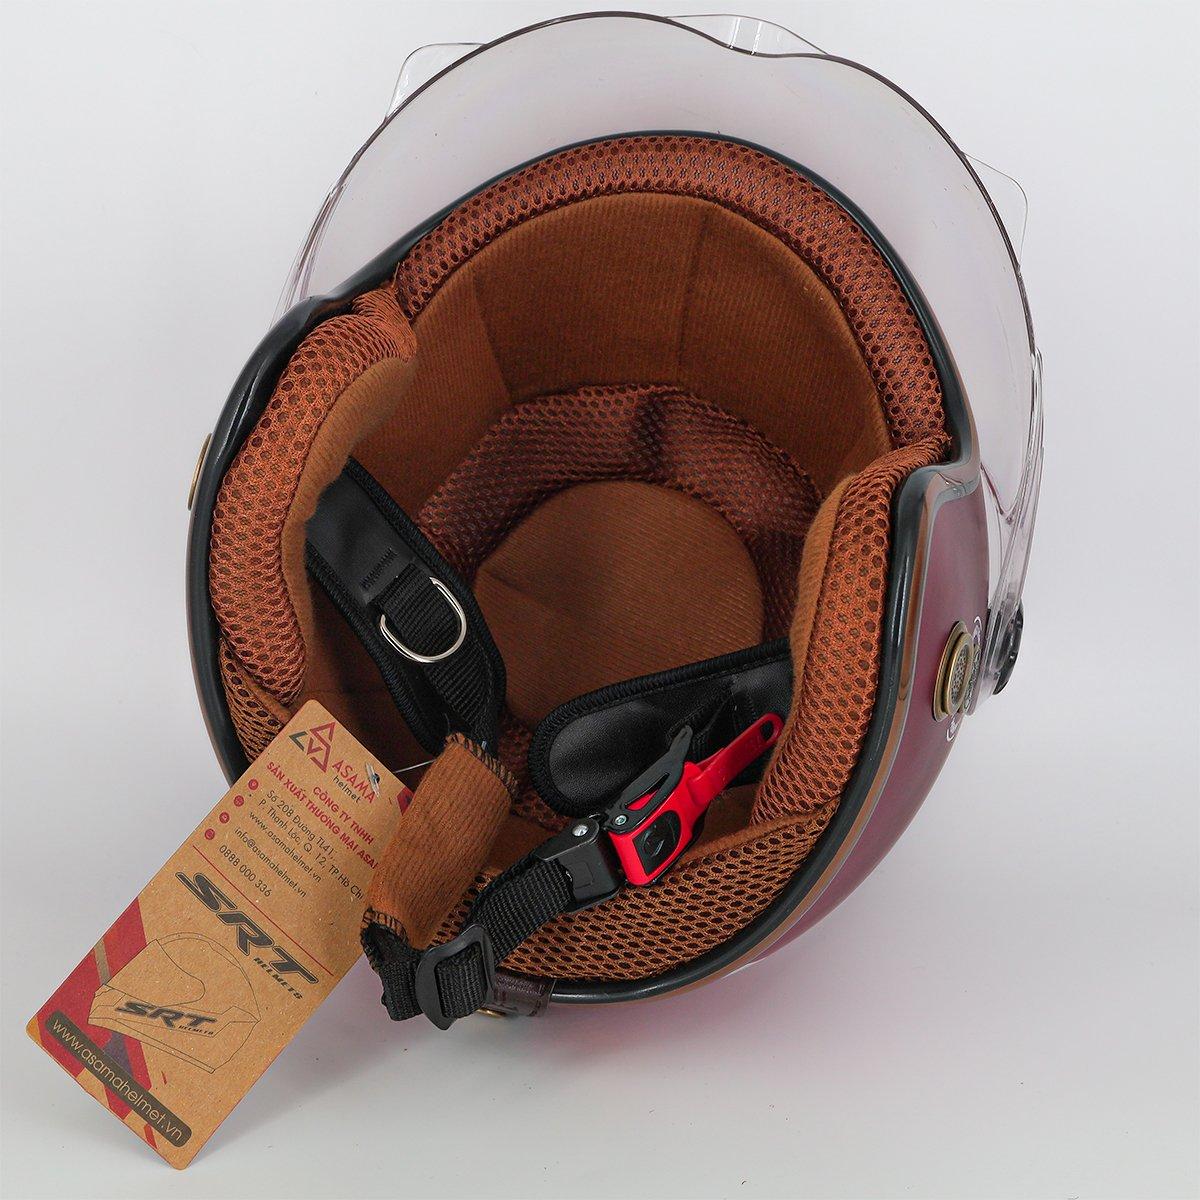 Mũ bảo hiểm 3/4 SRT 368K viền đồng lót nâu cao cấp có thông gió - kính càng - Đỏ đô - dành cho người đi phượt